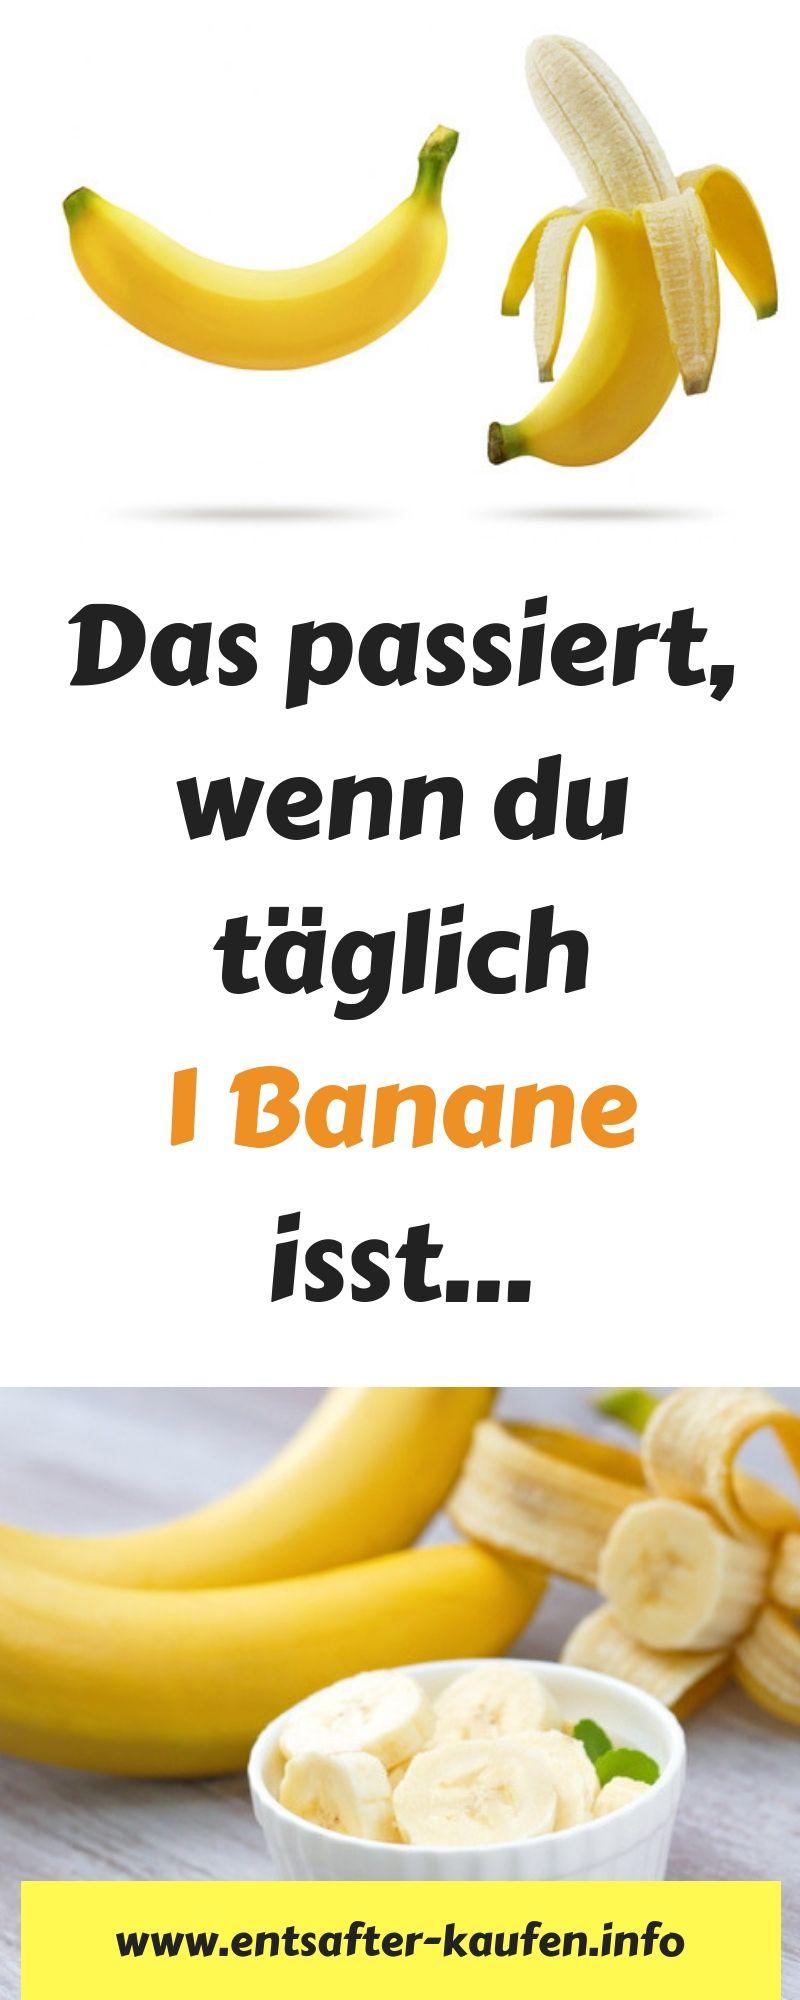 10 schockierende Fakten über Bananen (mit Bildern) | Bananen